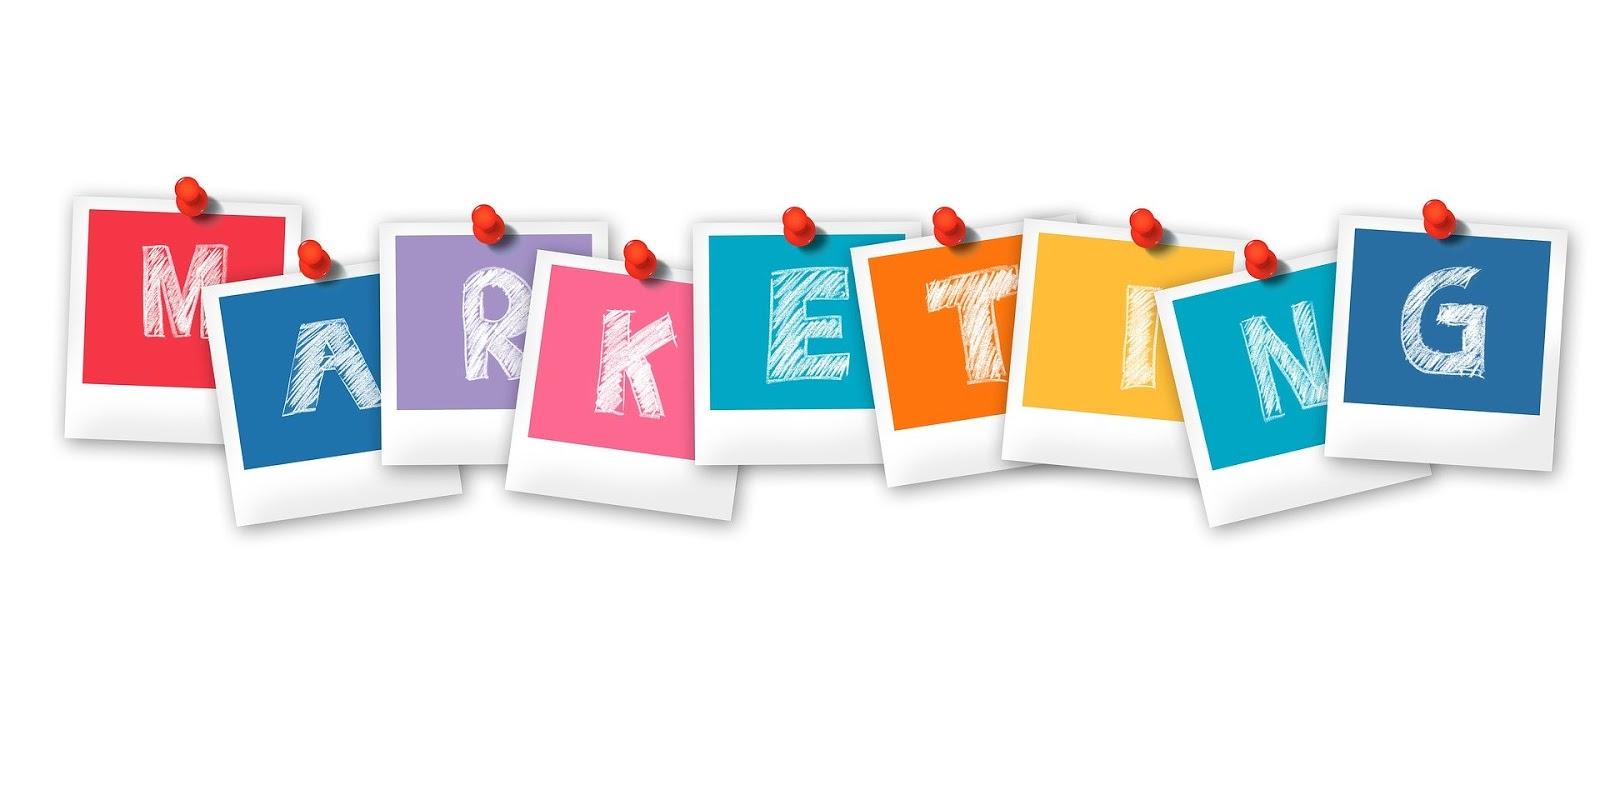 인바운드 마케팅이란 - Marketing